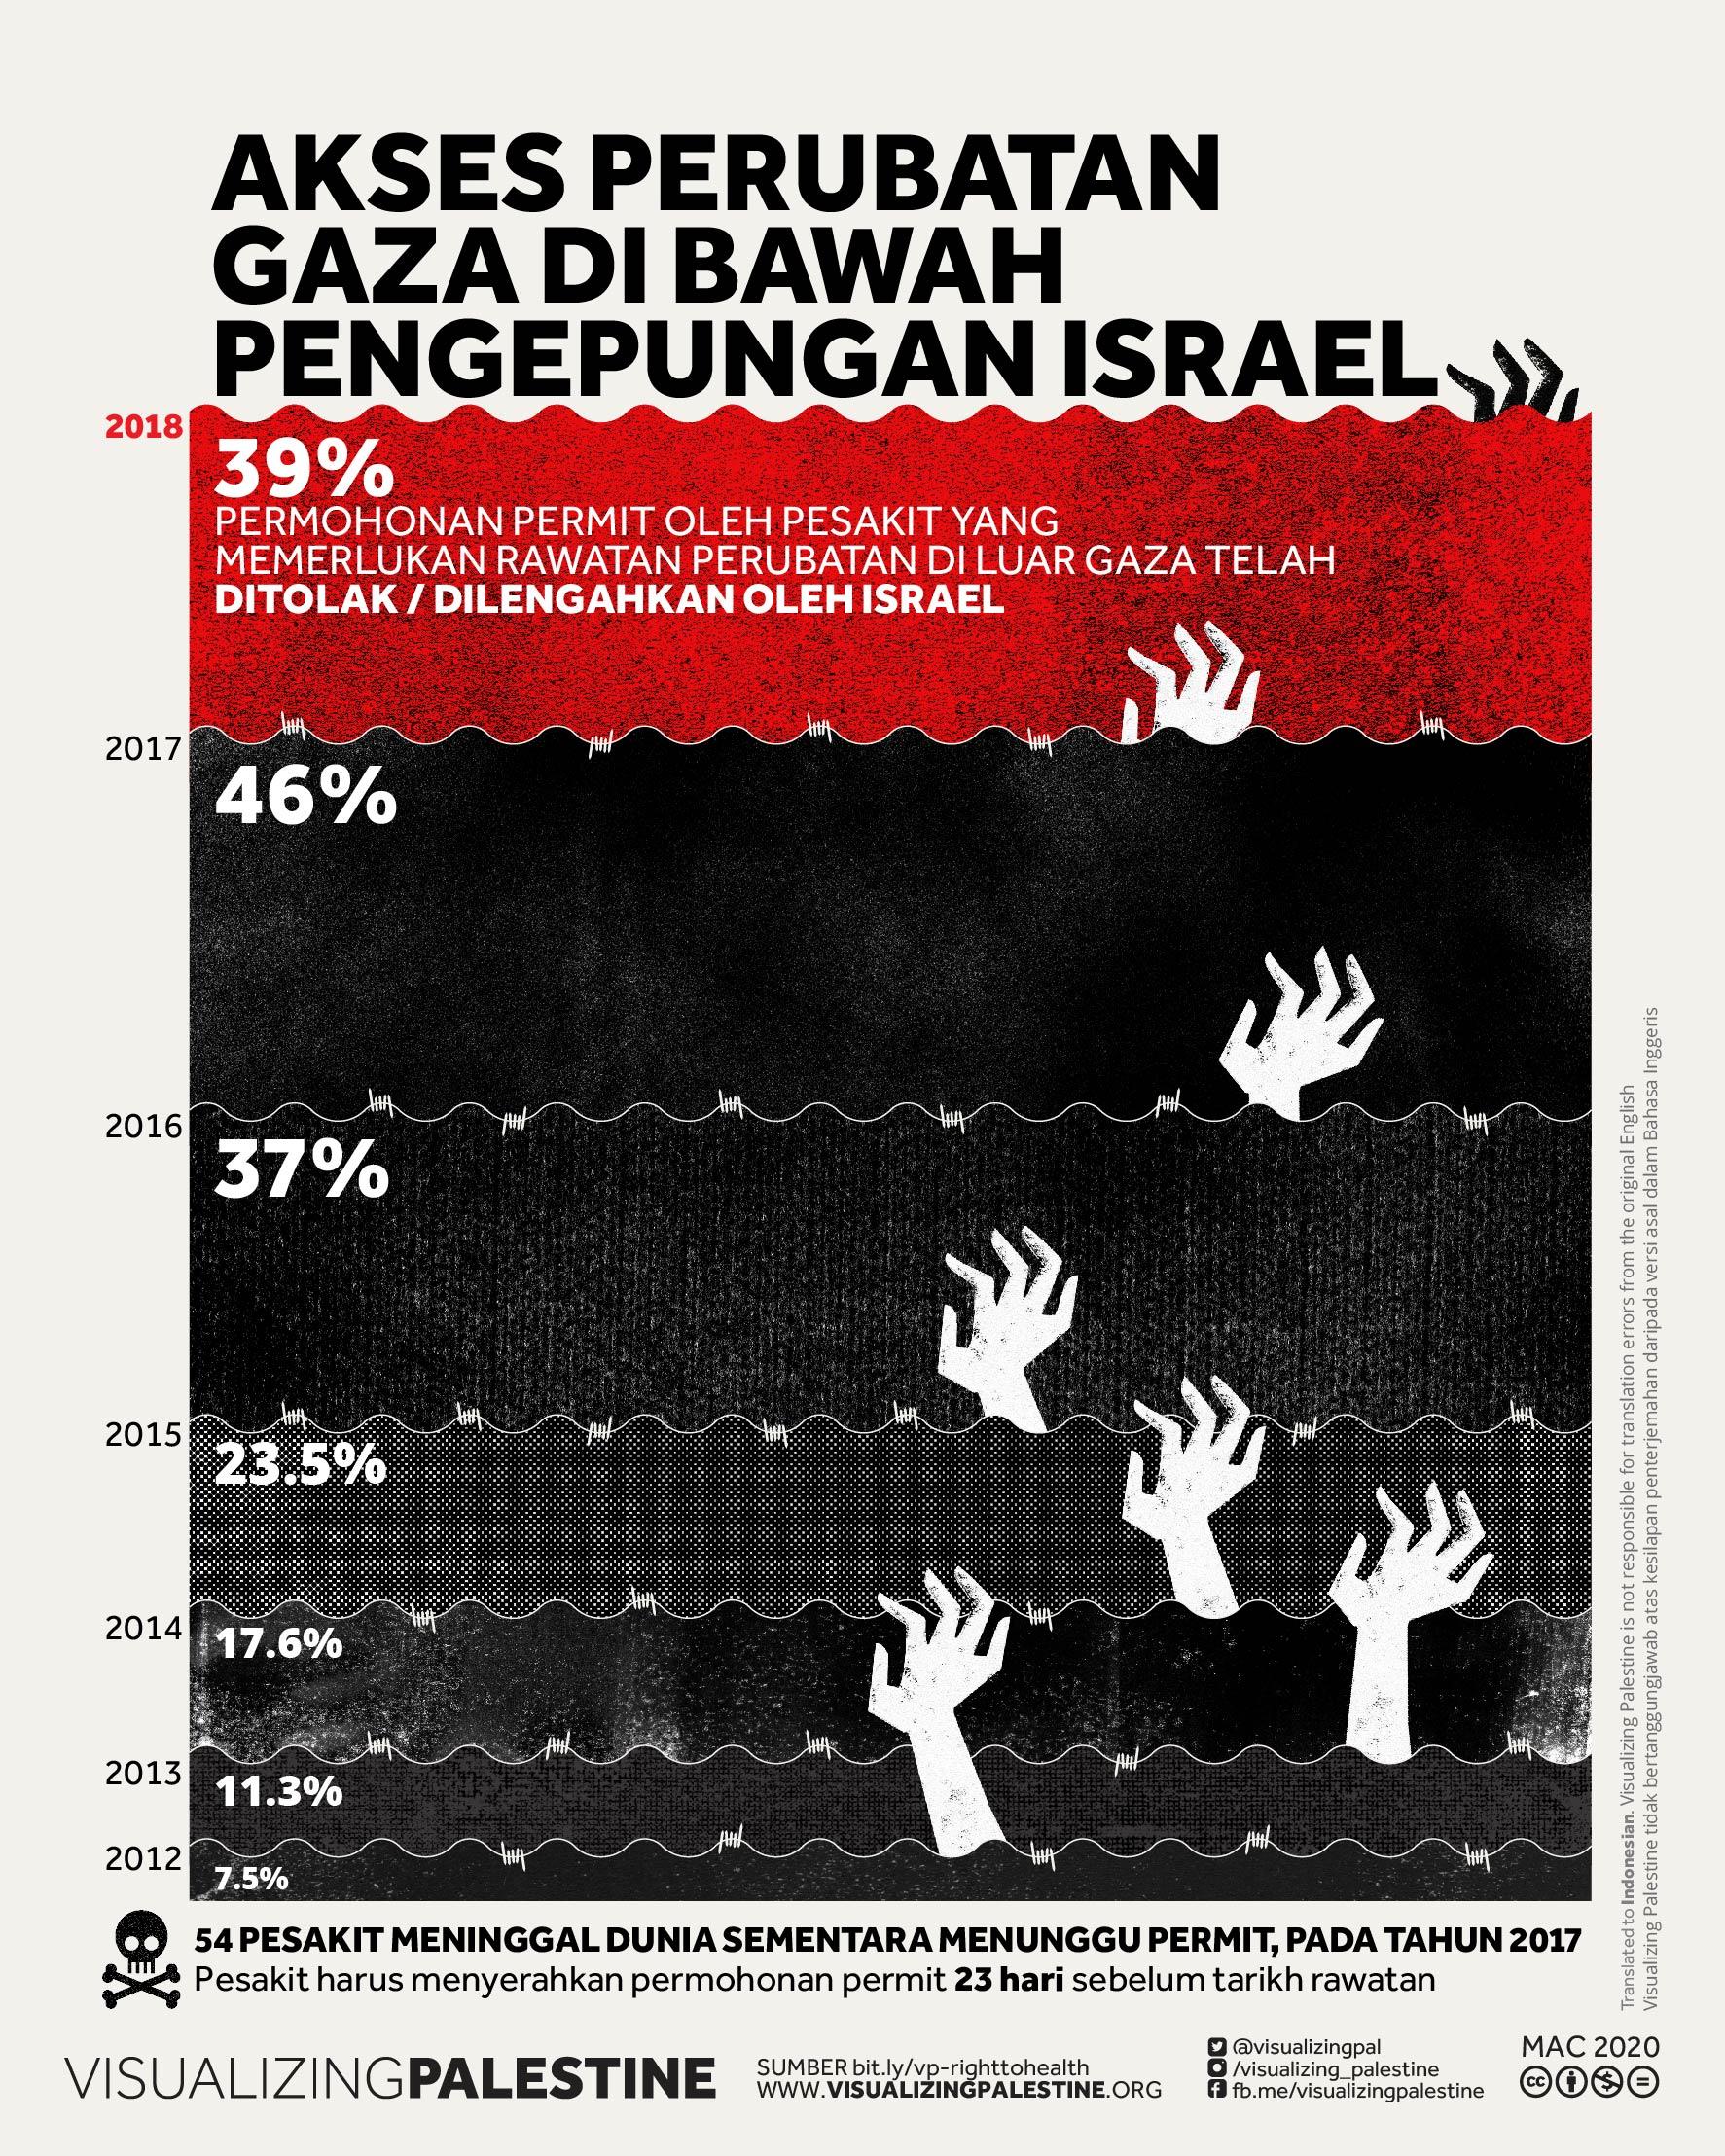 Akses Perubatan Gaza di bawah Pengepungan Israel